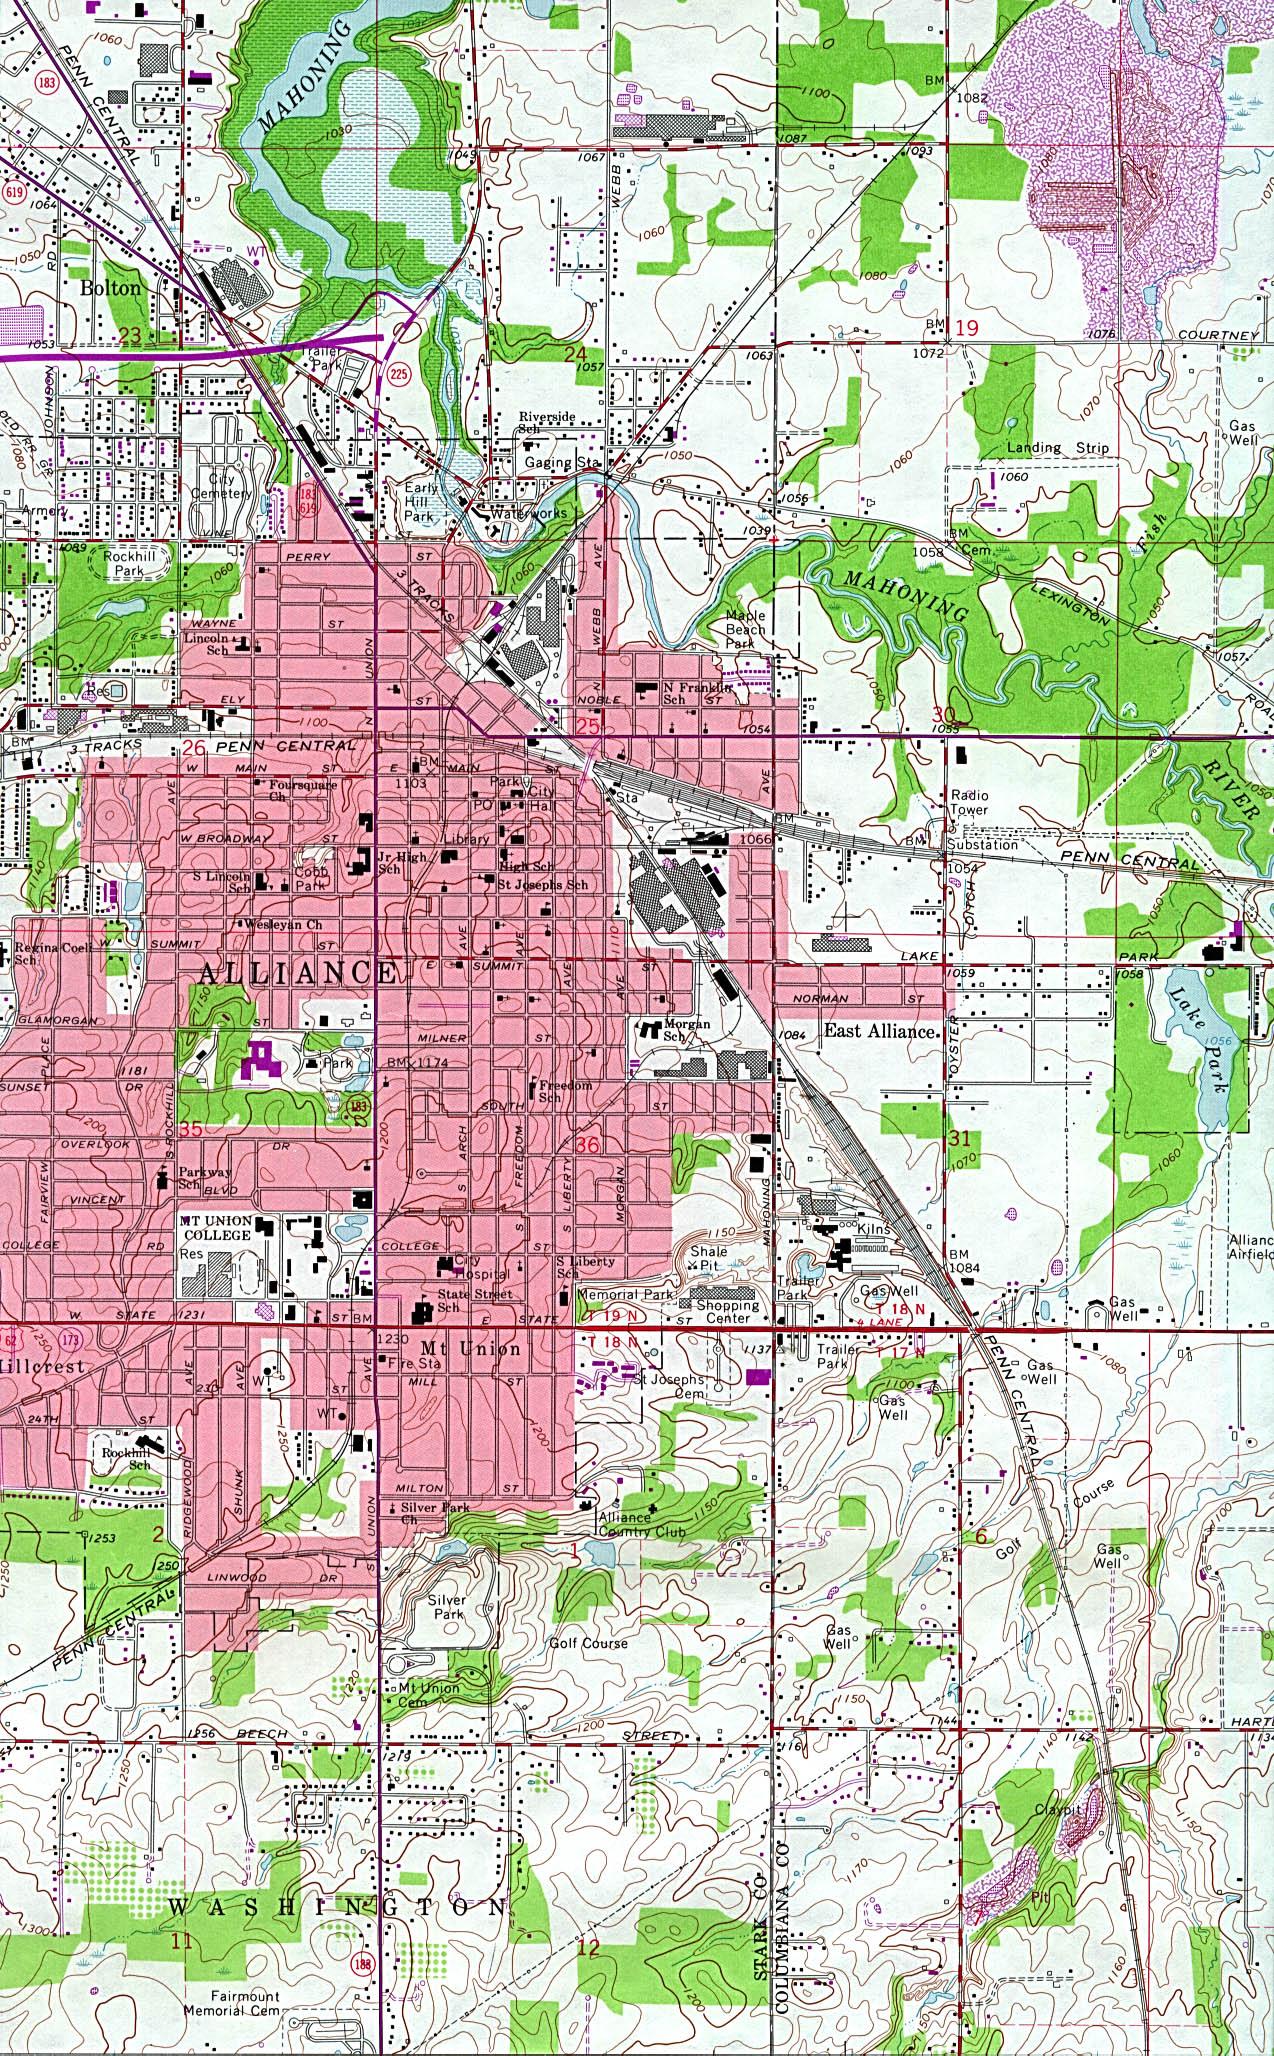 Mapa Topográfico de la Ciudad de Alliance, Ohio, Estados Unidos